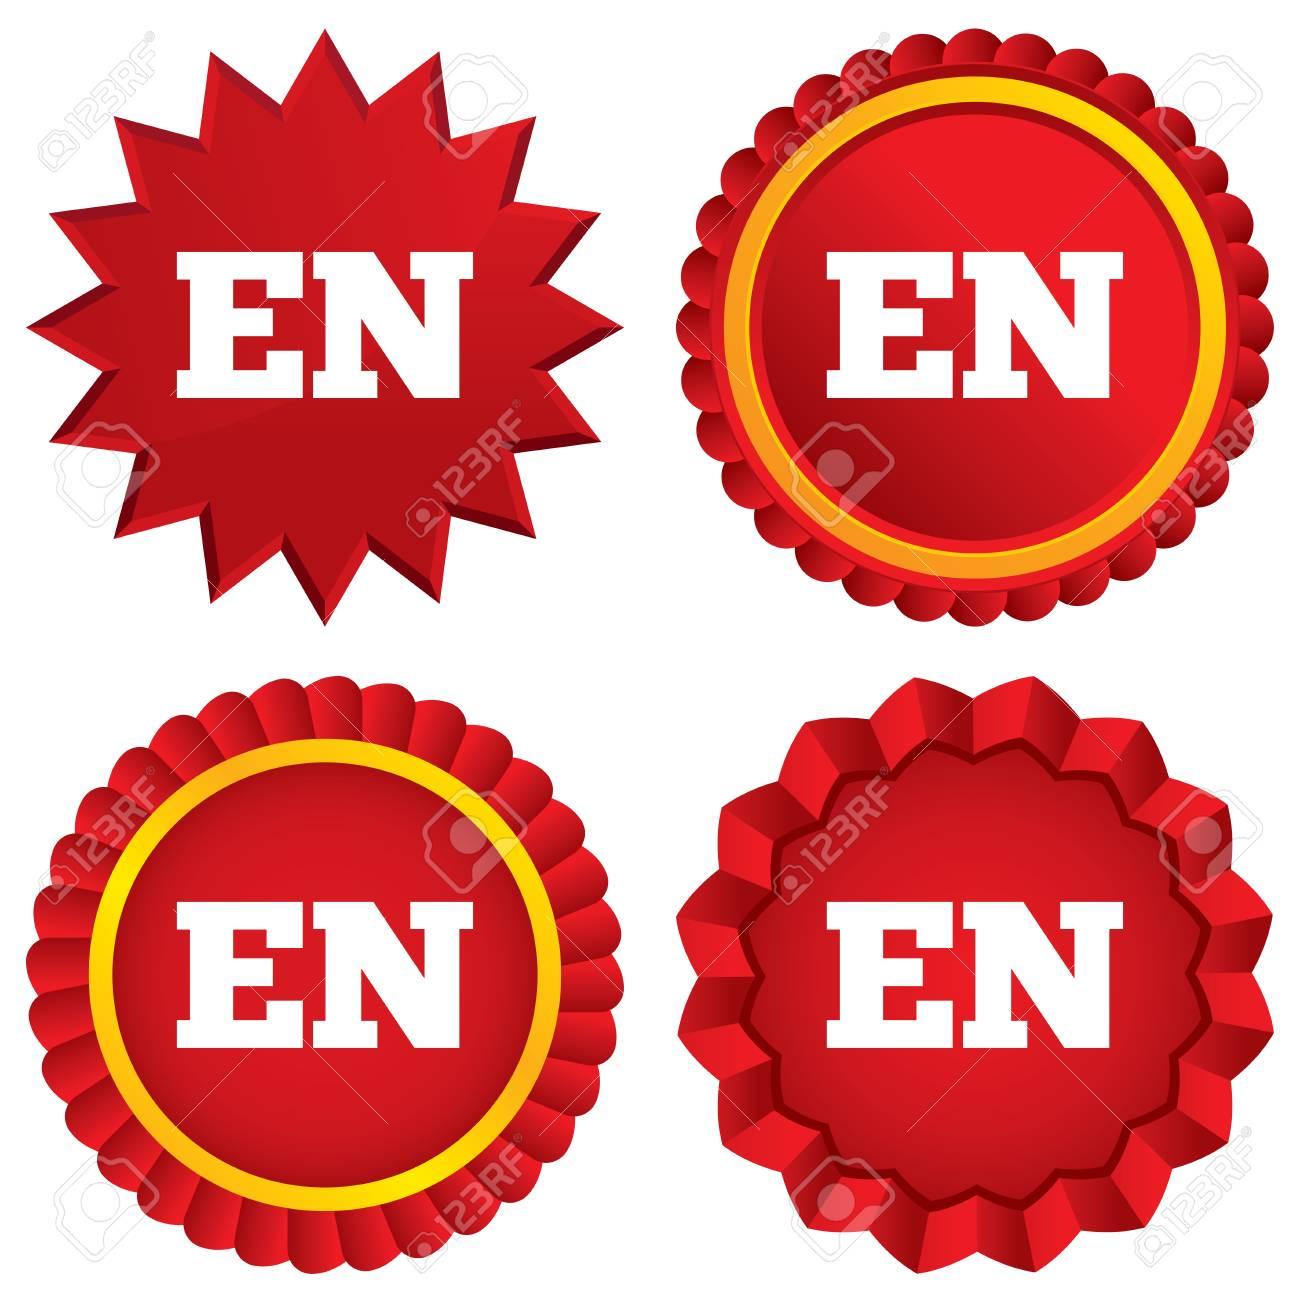 Inglés Icono De La Lengua De Signos Es Símbolo Traducción